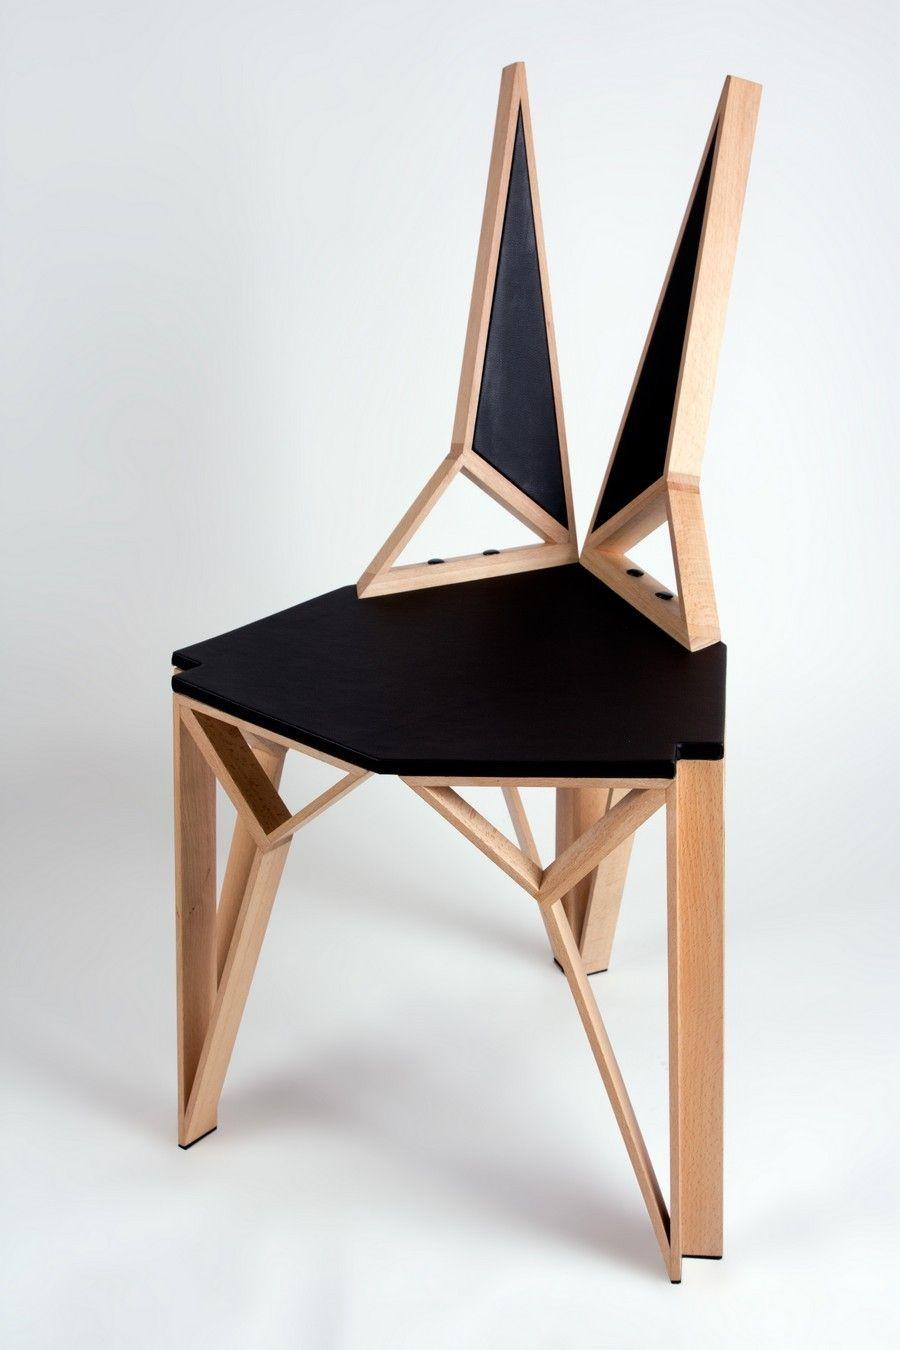 Experimentelle M Bel Pers Nlichkeit Ausgedr Ckt Trog Ein Chair  # Muebles En El Puig